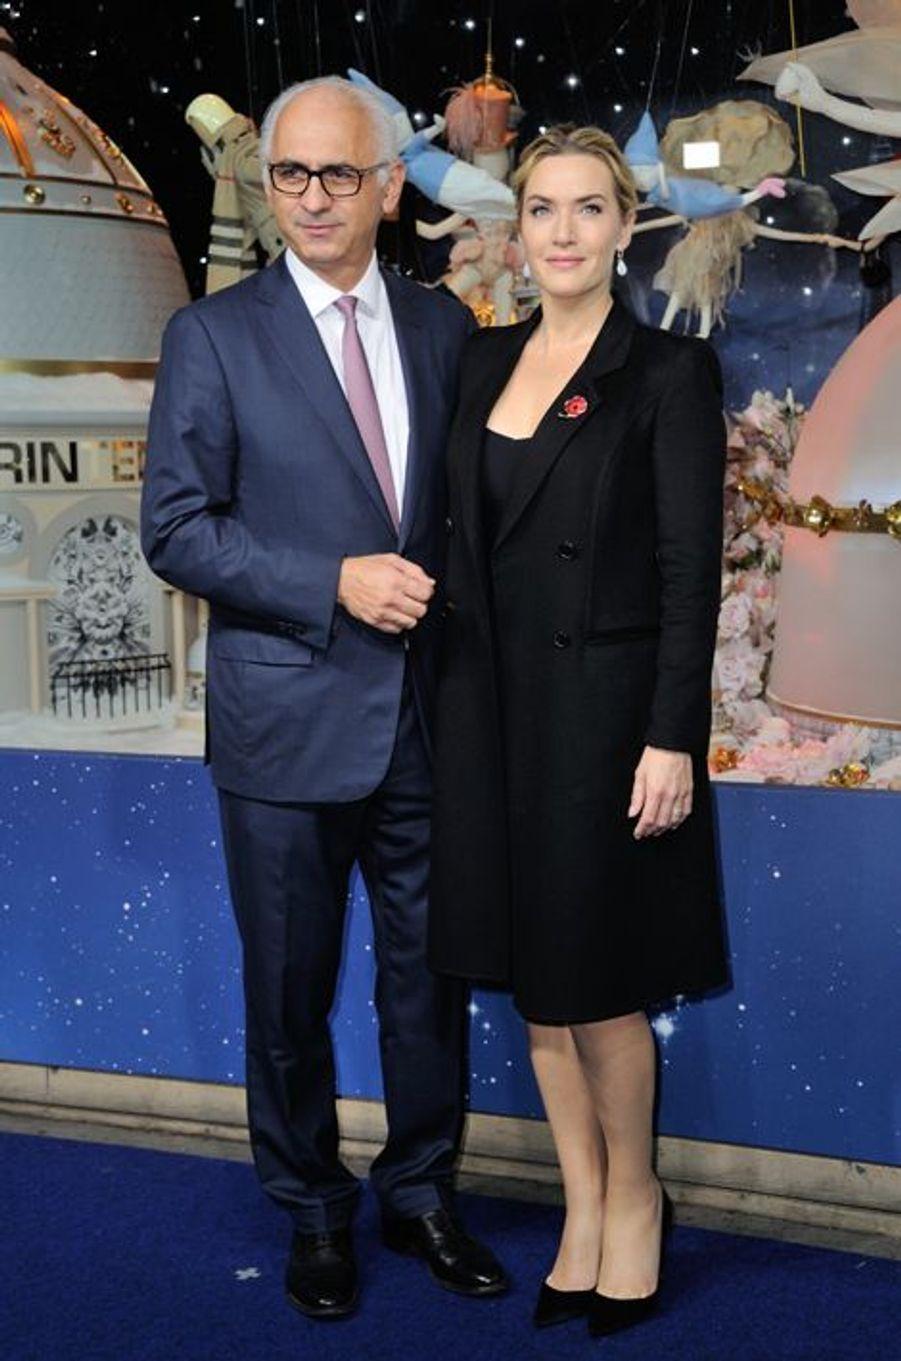 Le vendredi 6 novembre, Kate Winslet a inauguré les célèbres décorations de Noël du Printemps Haussmann au côté de Paolo de Cesare.